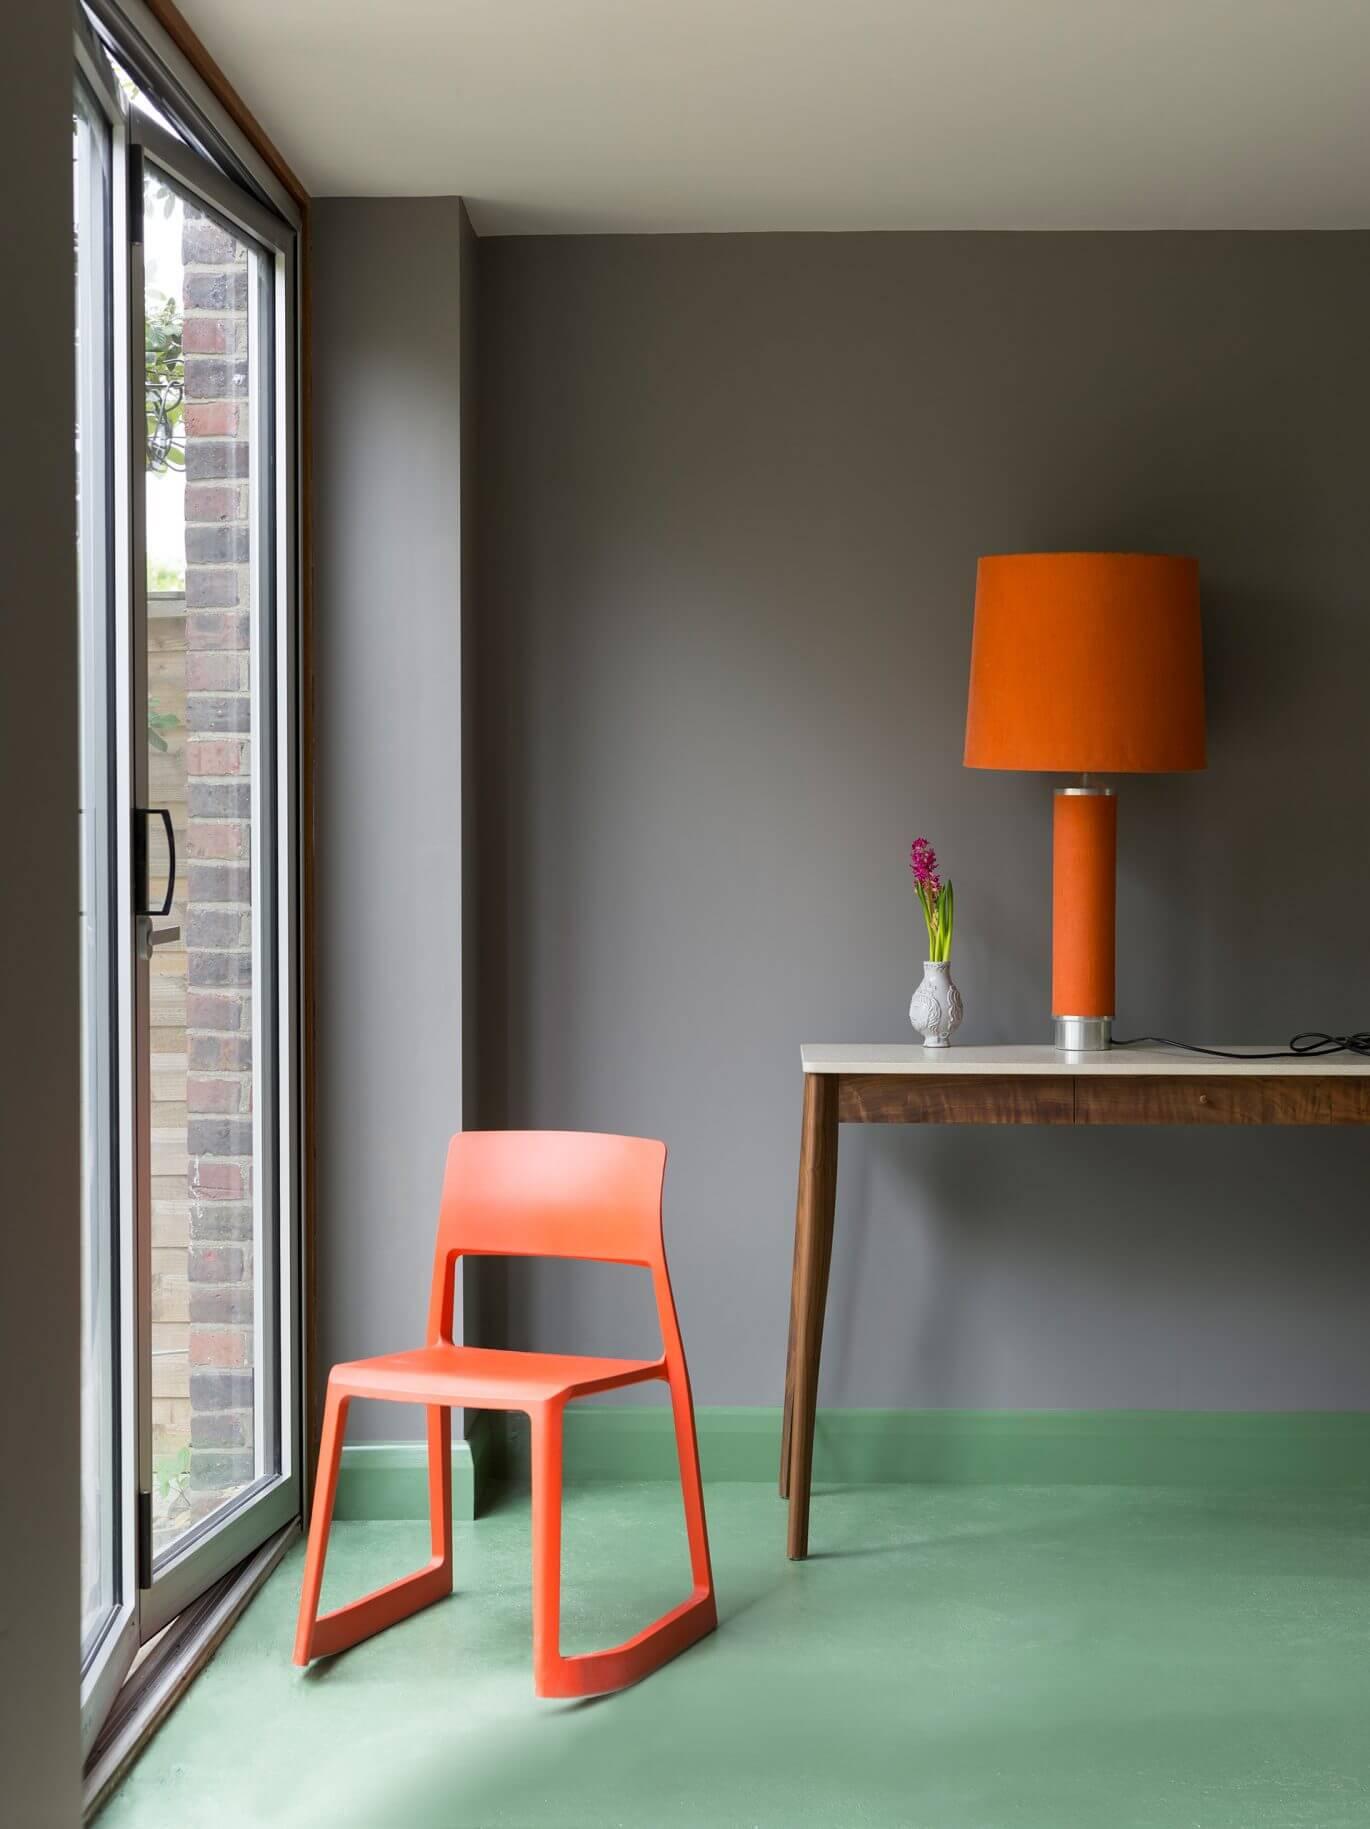 Wohnzimmer mit einer Glastür, einem grünen Boden, einem orangefarbenen Stuhl und Wänden im Farbton Mole's Breath.